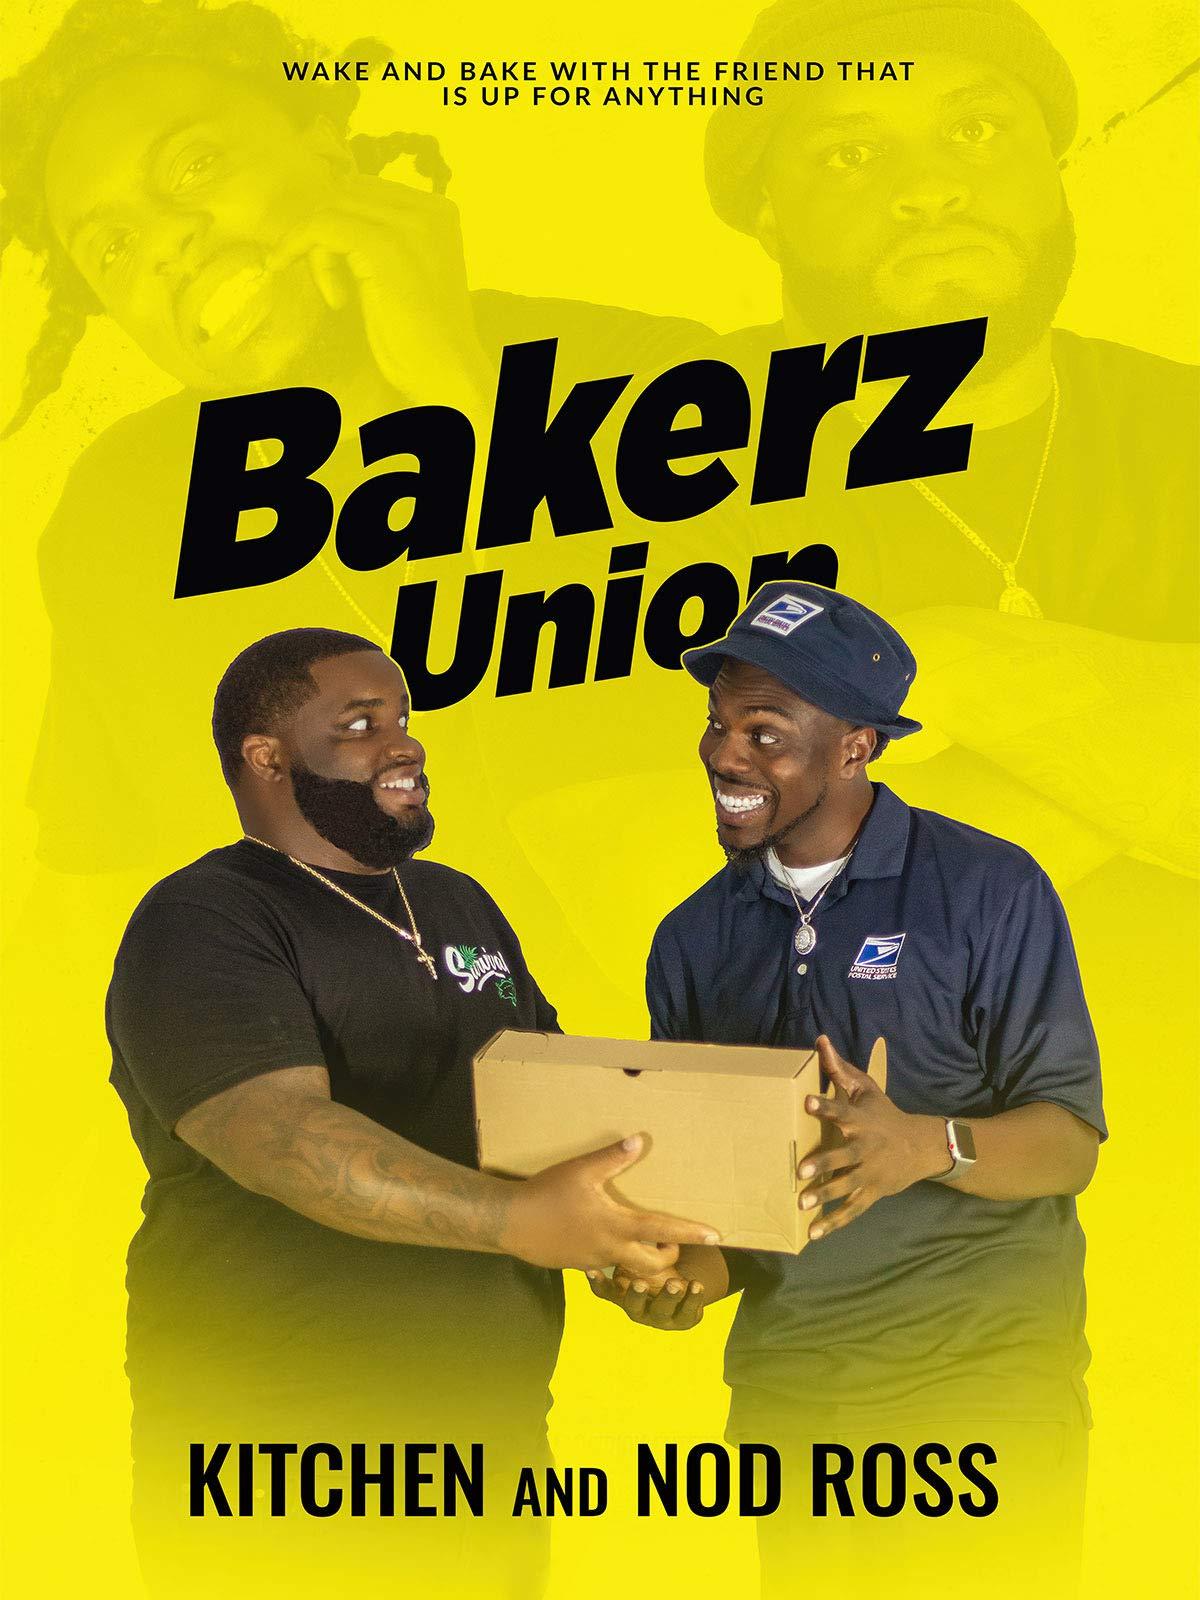 Bakerz Union